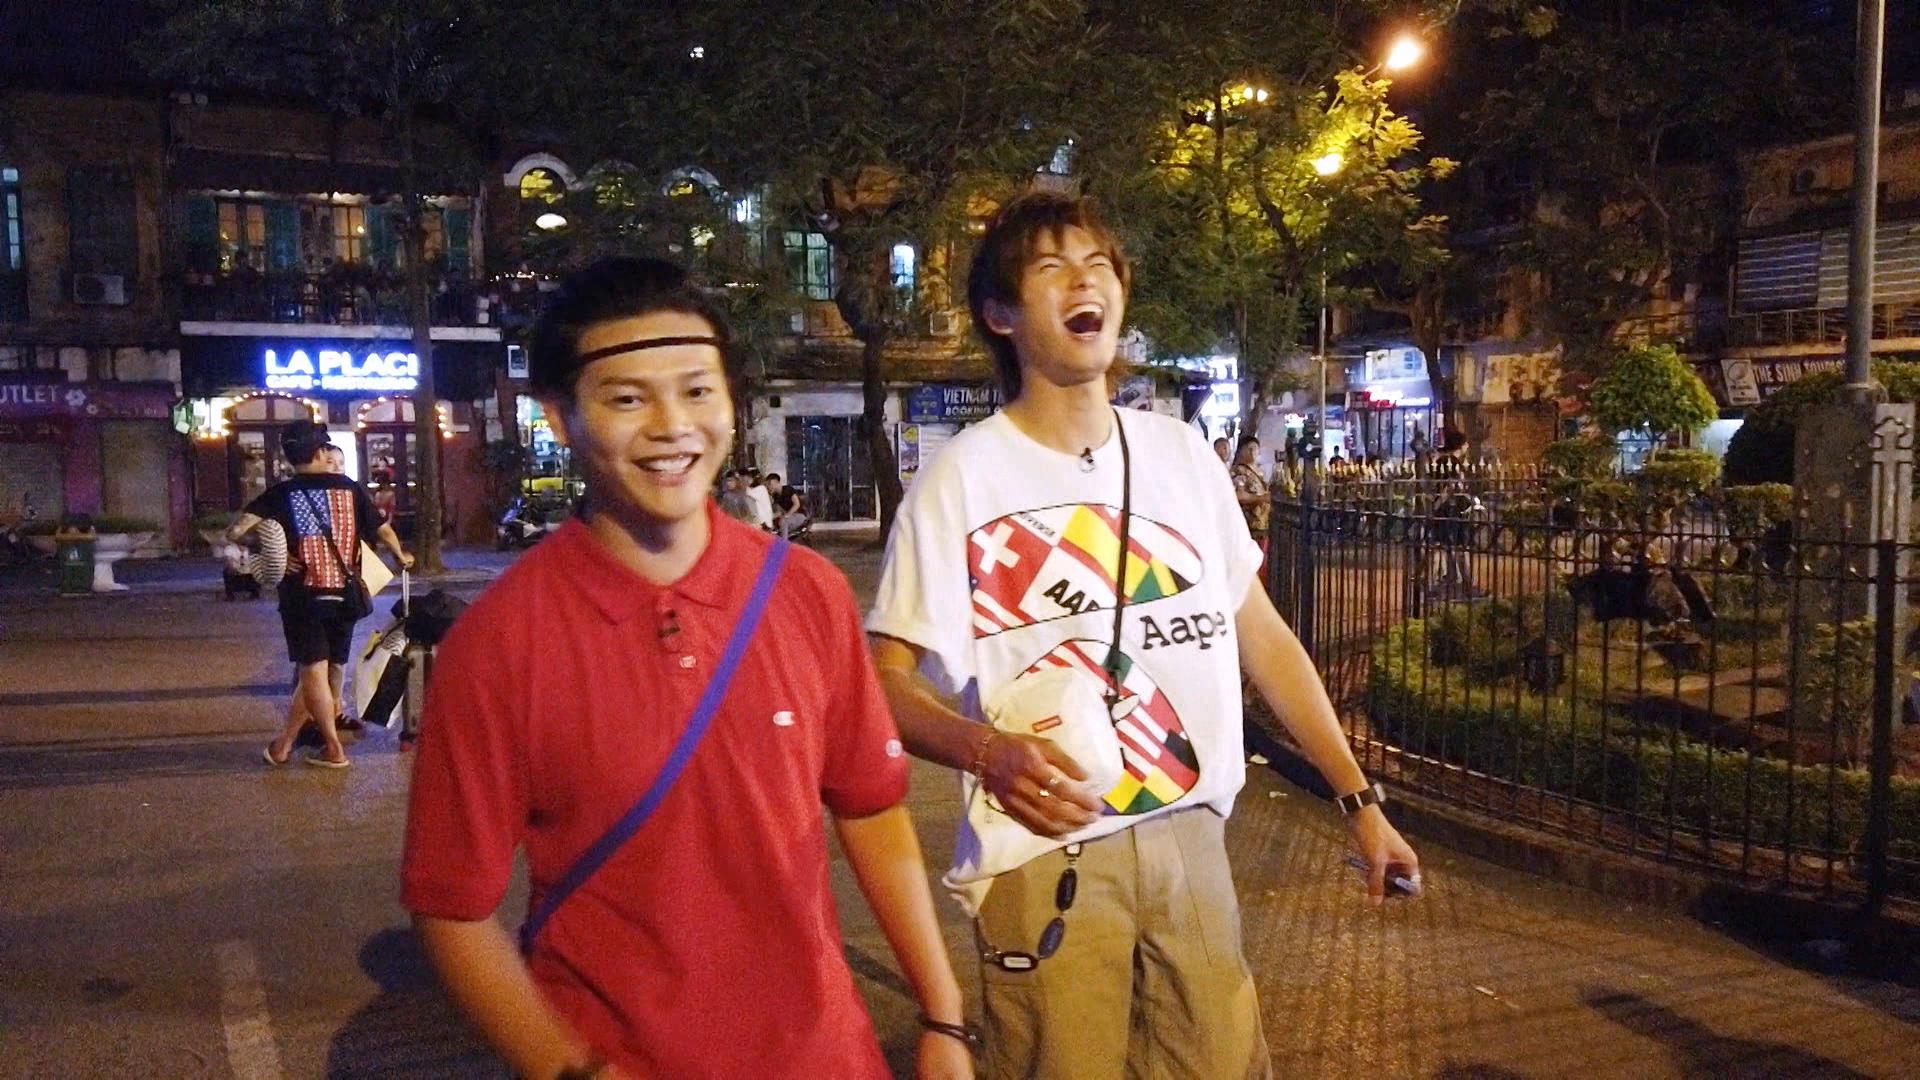 2人笑指自己是吳亦凡、溝女霸王。